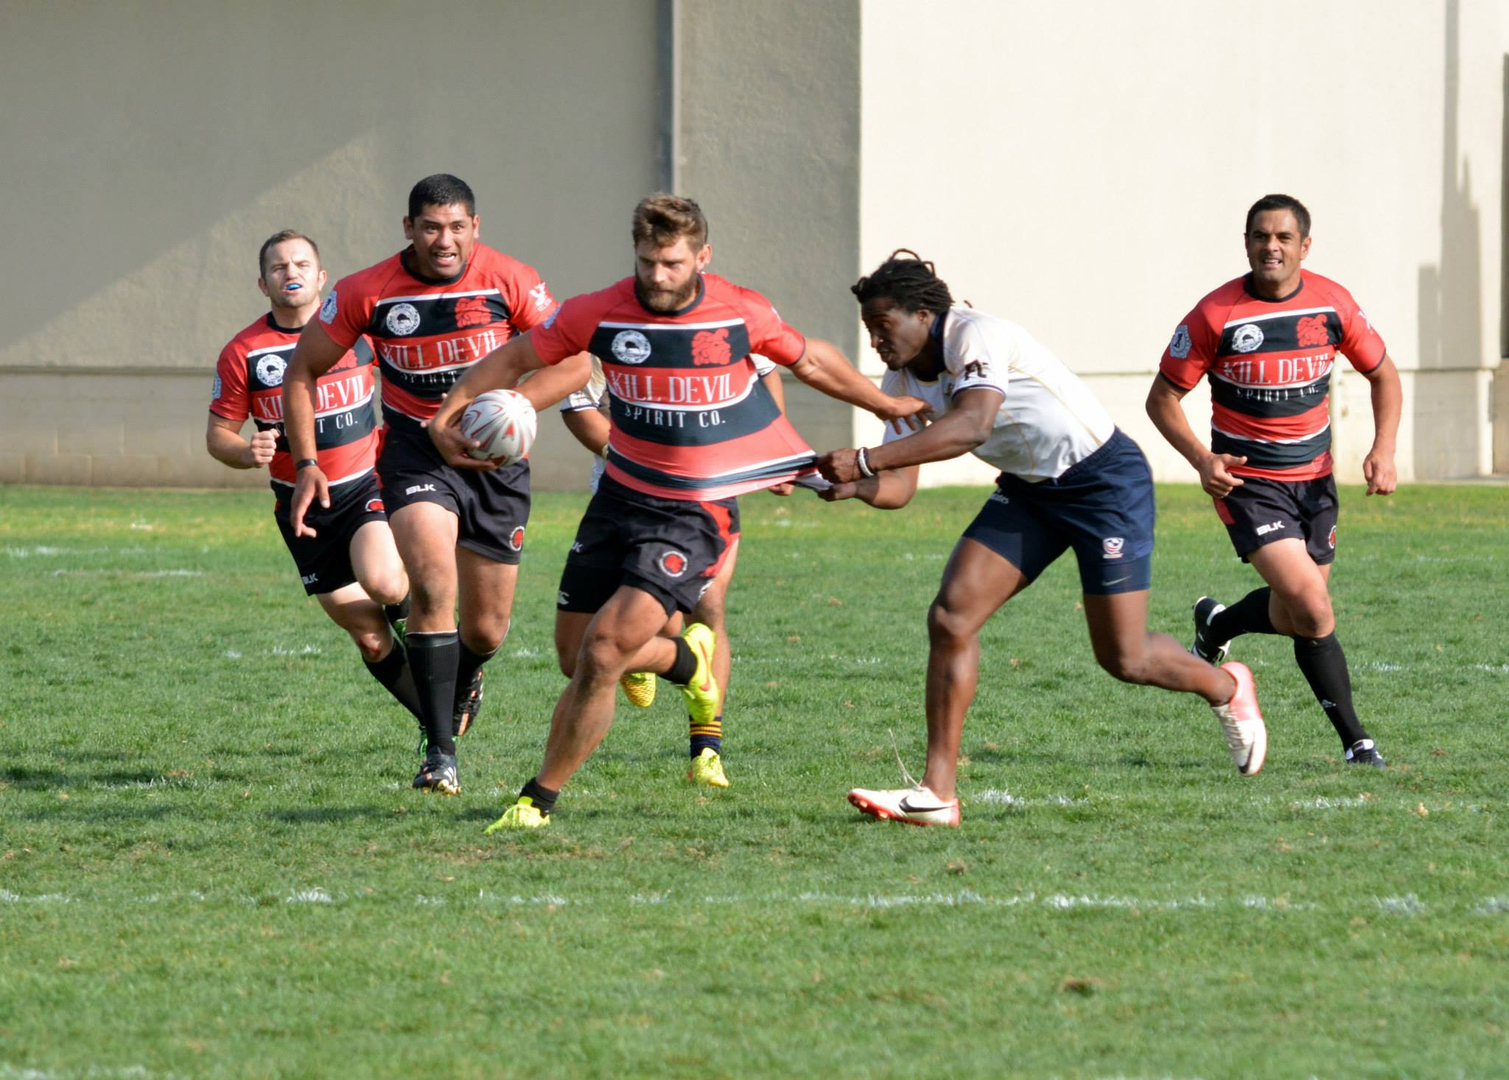 Photo from www.oarugbysandiego.com